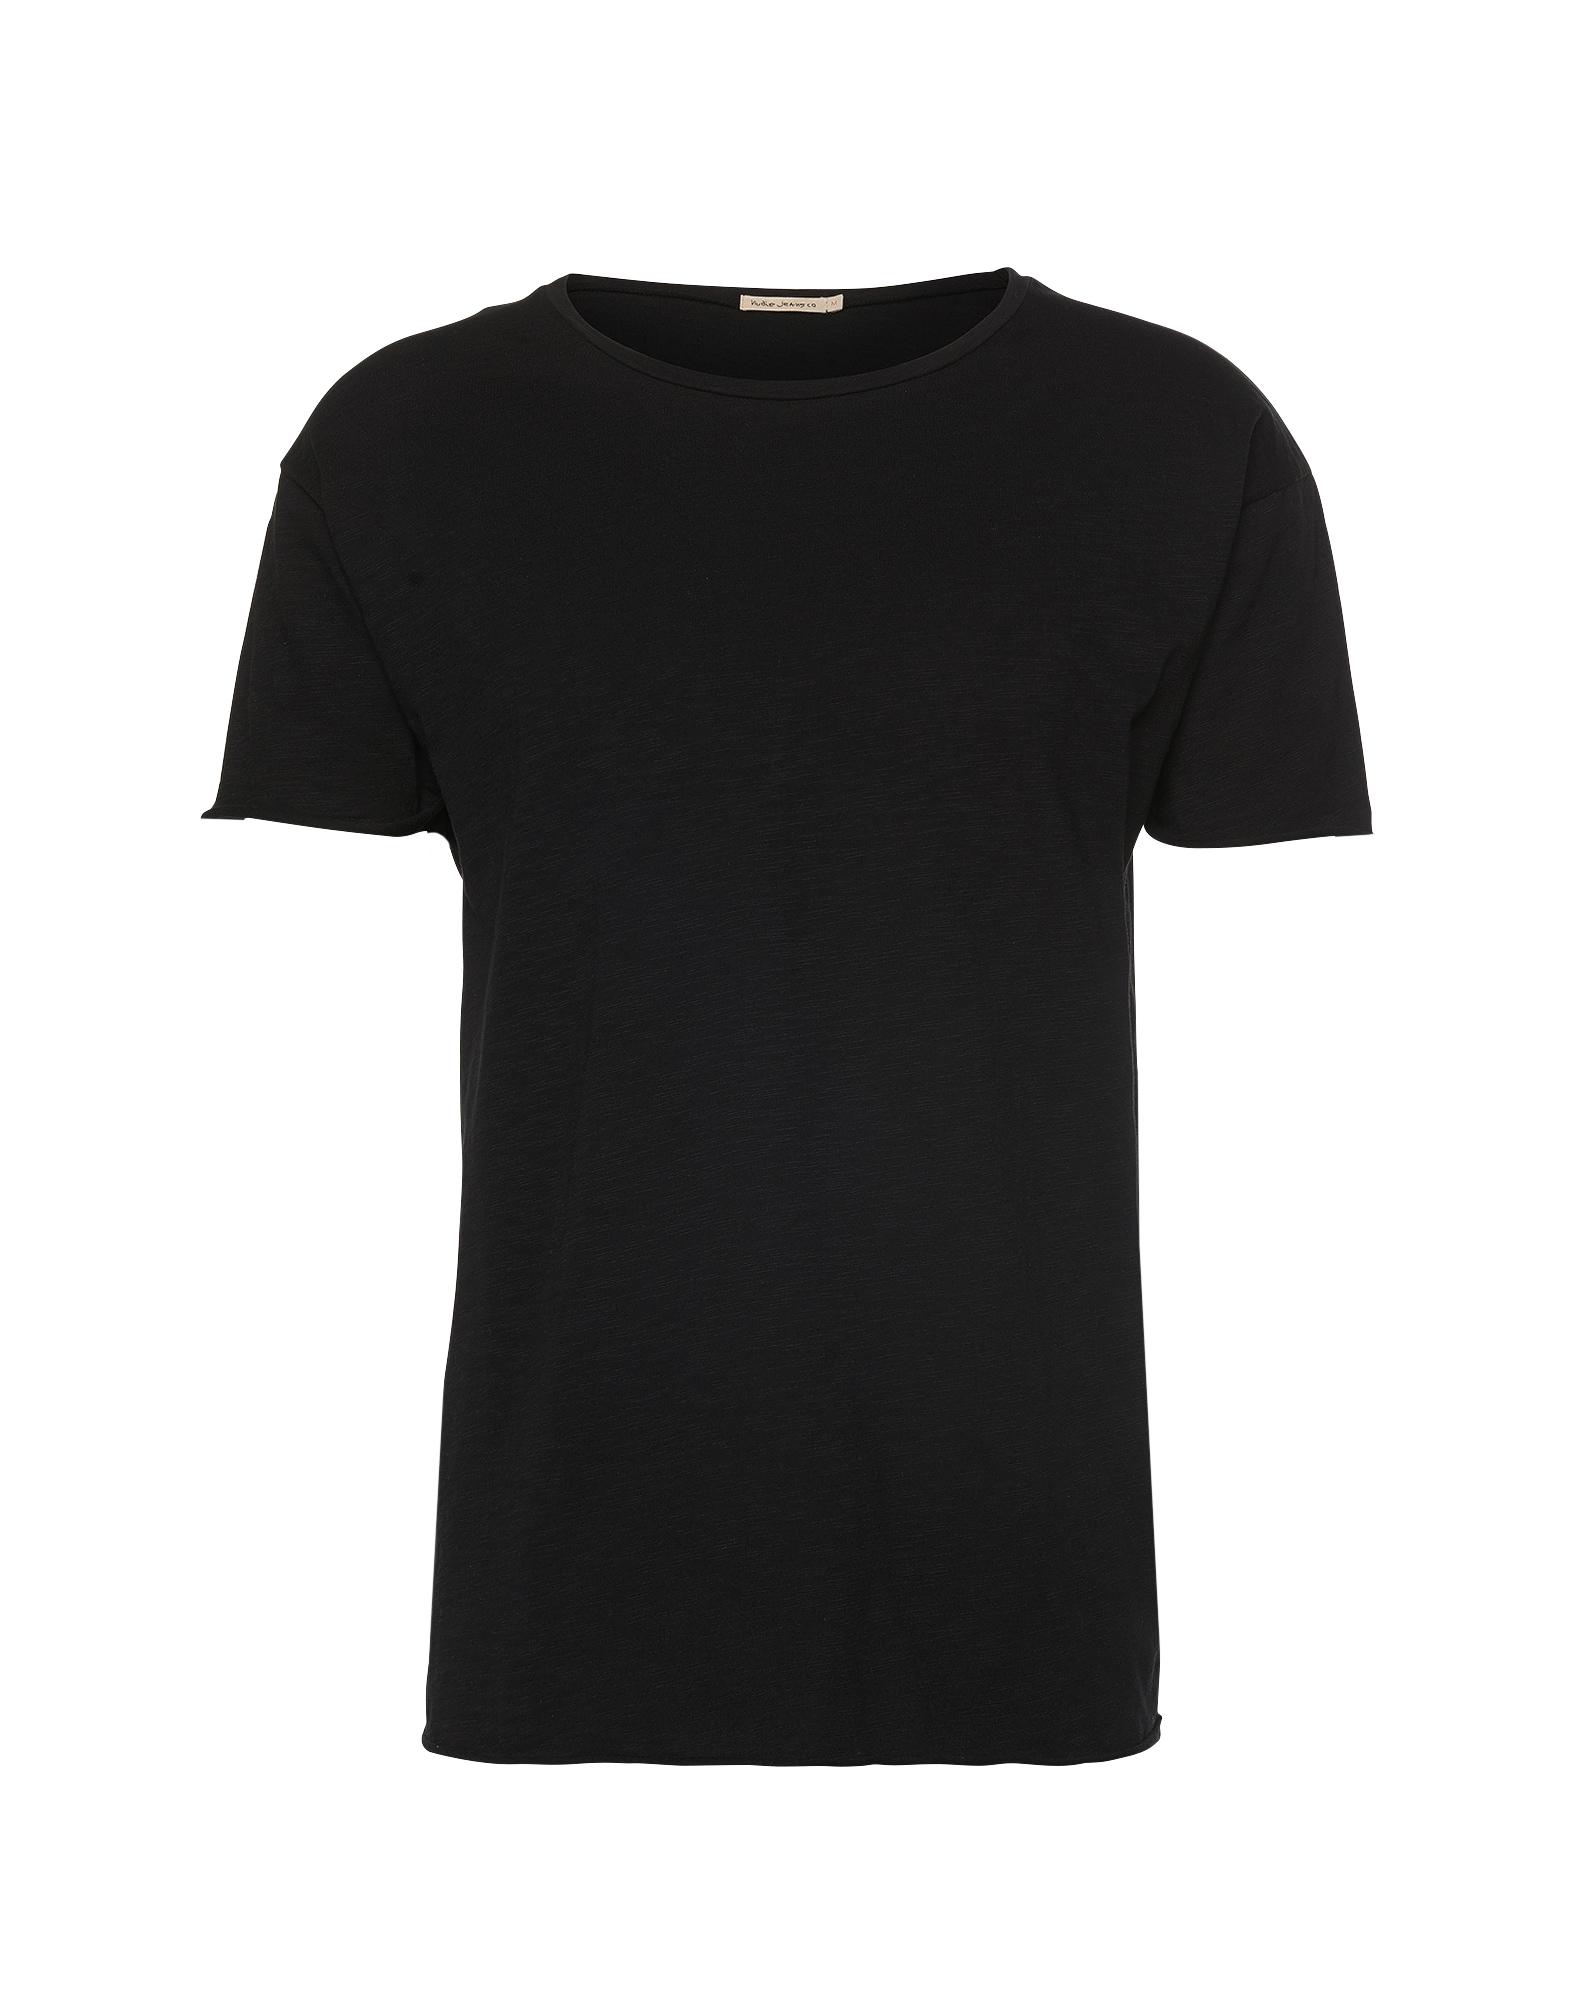 Tričko Roger Slub černá Nudie Jeans Co